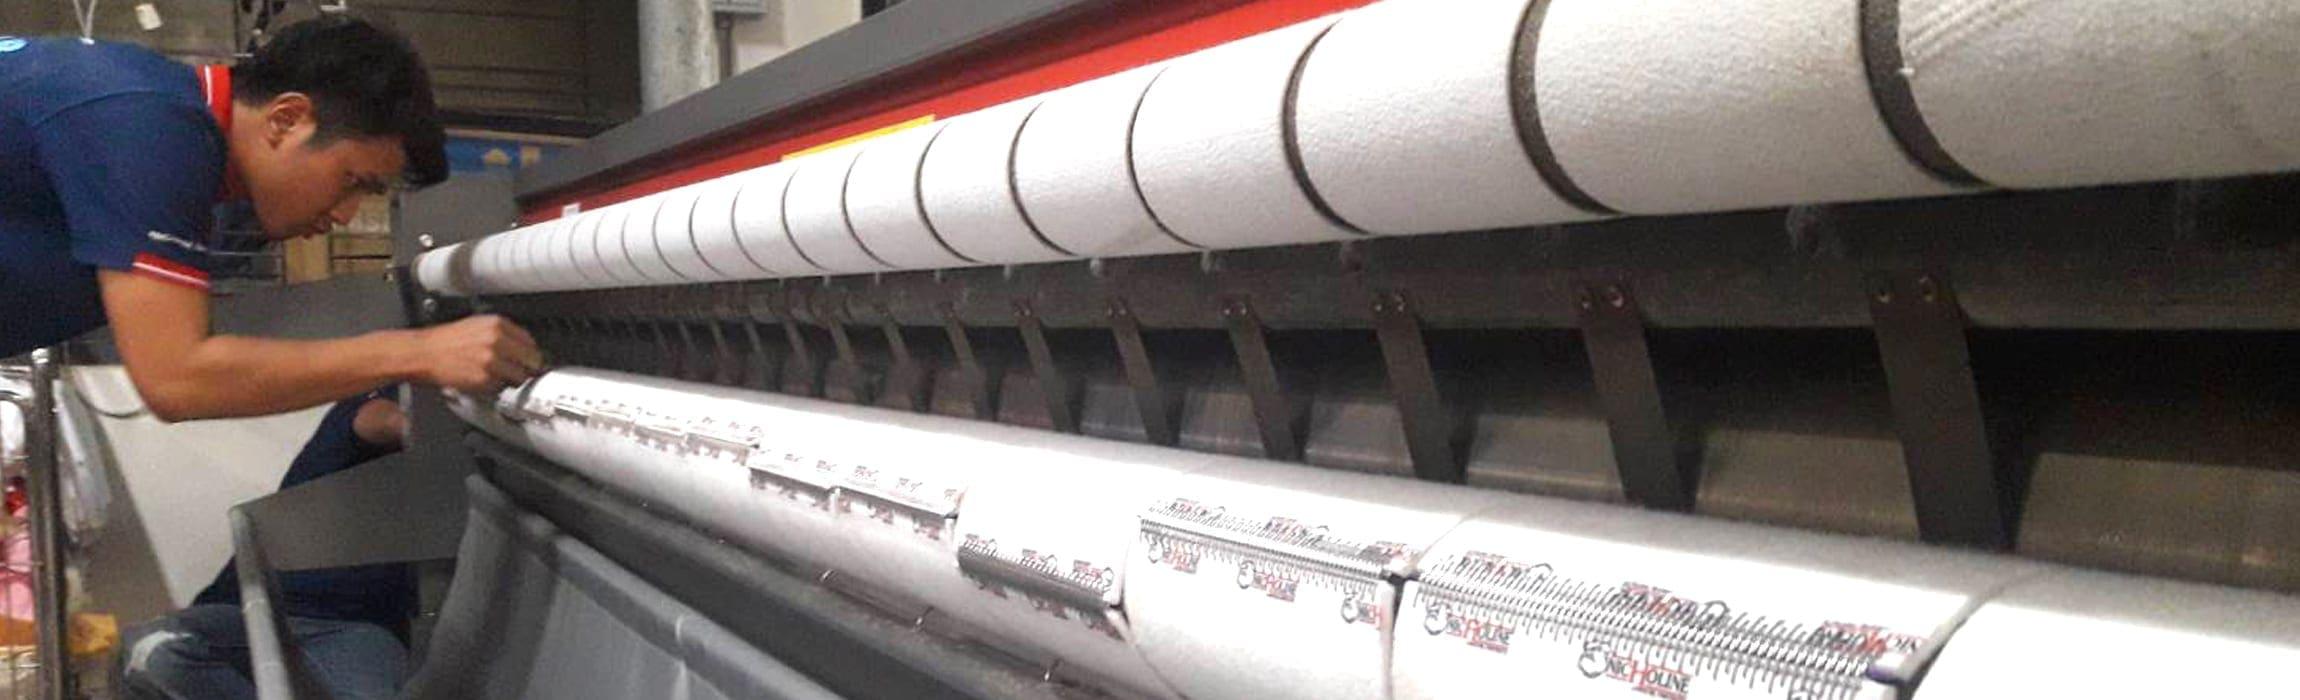 สายพานรีดผ้า NICHOLINE สำหรับ เครื่องรีดผ้าแบบลูกกลิ้ง ทุกรุ่น พร้อมรับประกัน 1 ปี